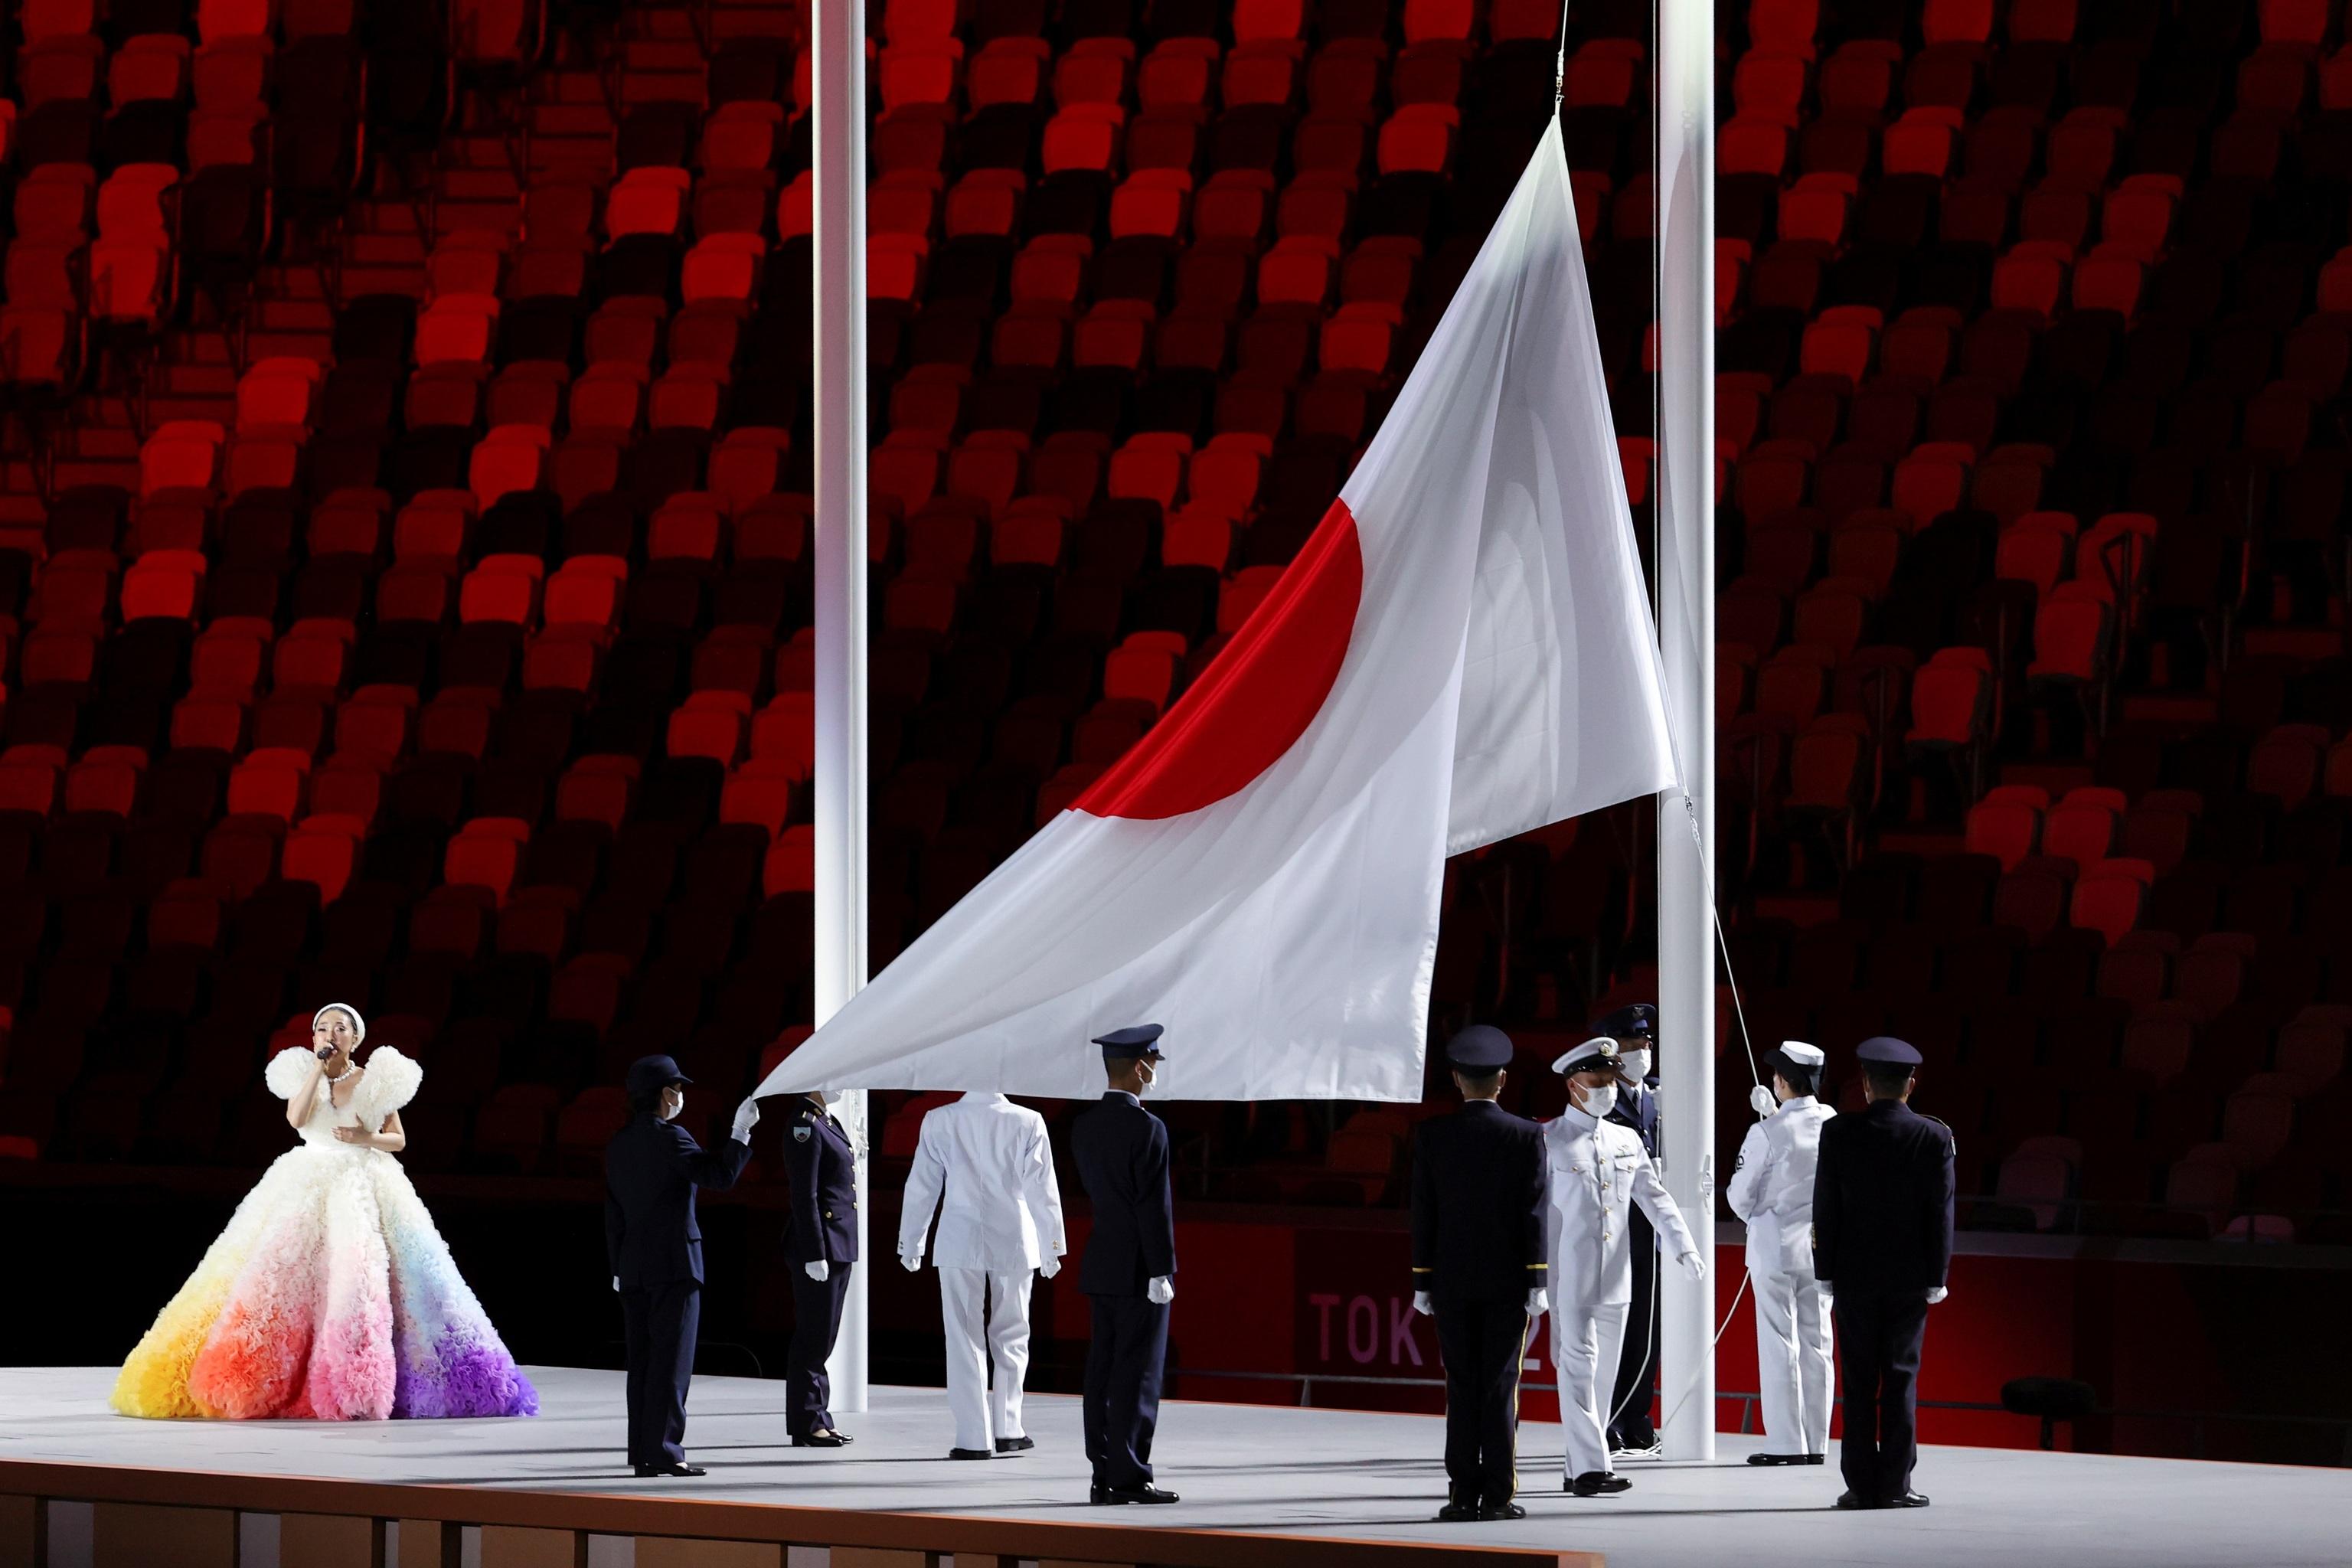 Ceremonia de inauguración - Tokio 2020 - Juegos Olímpicos de 2021